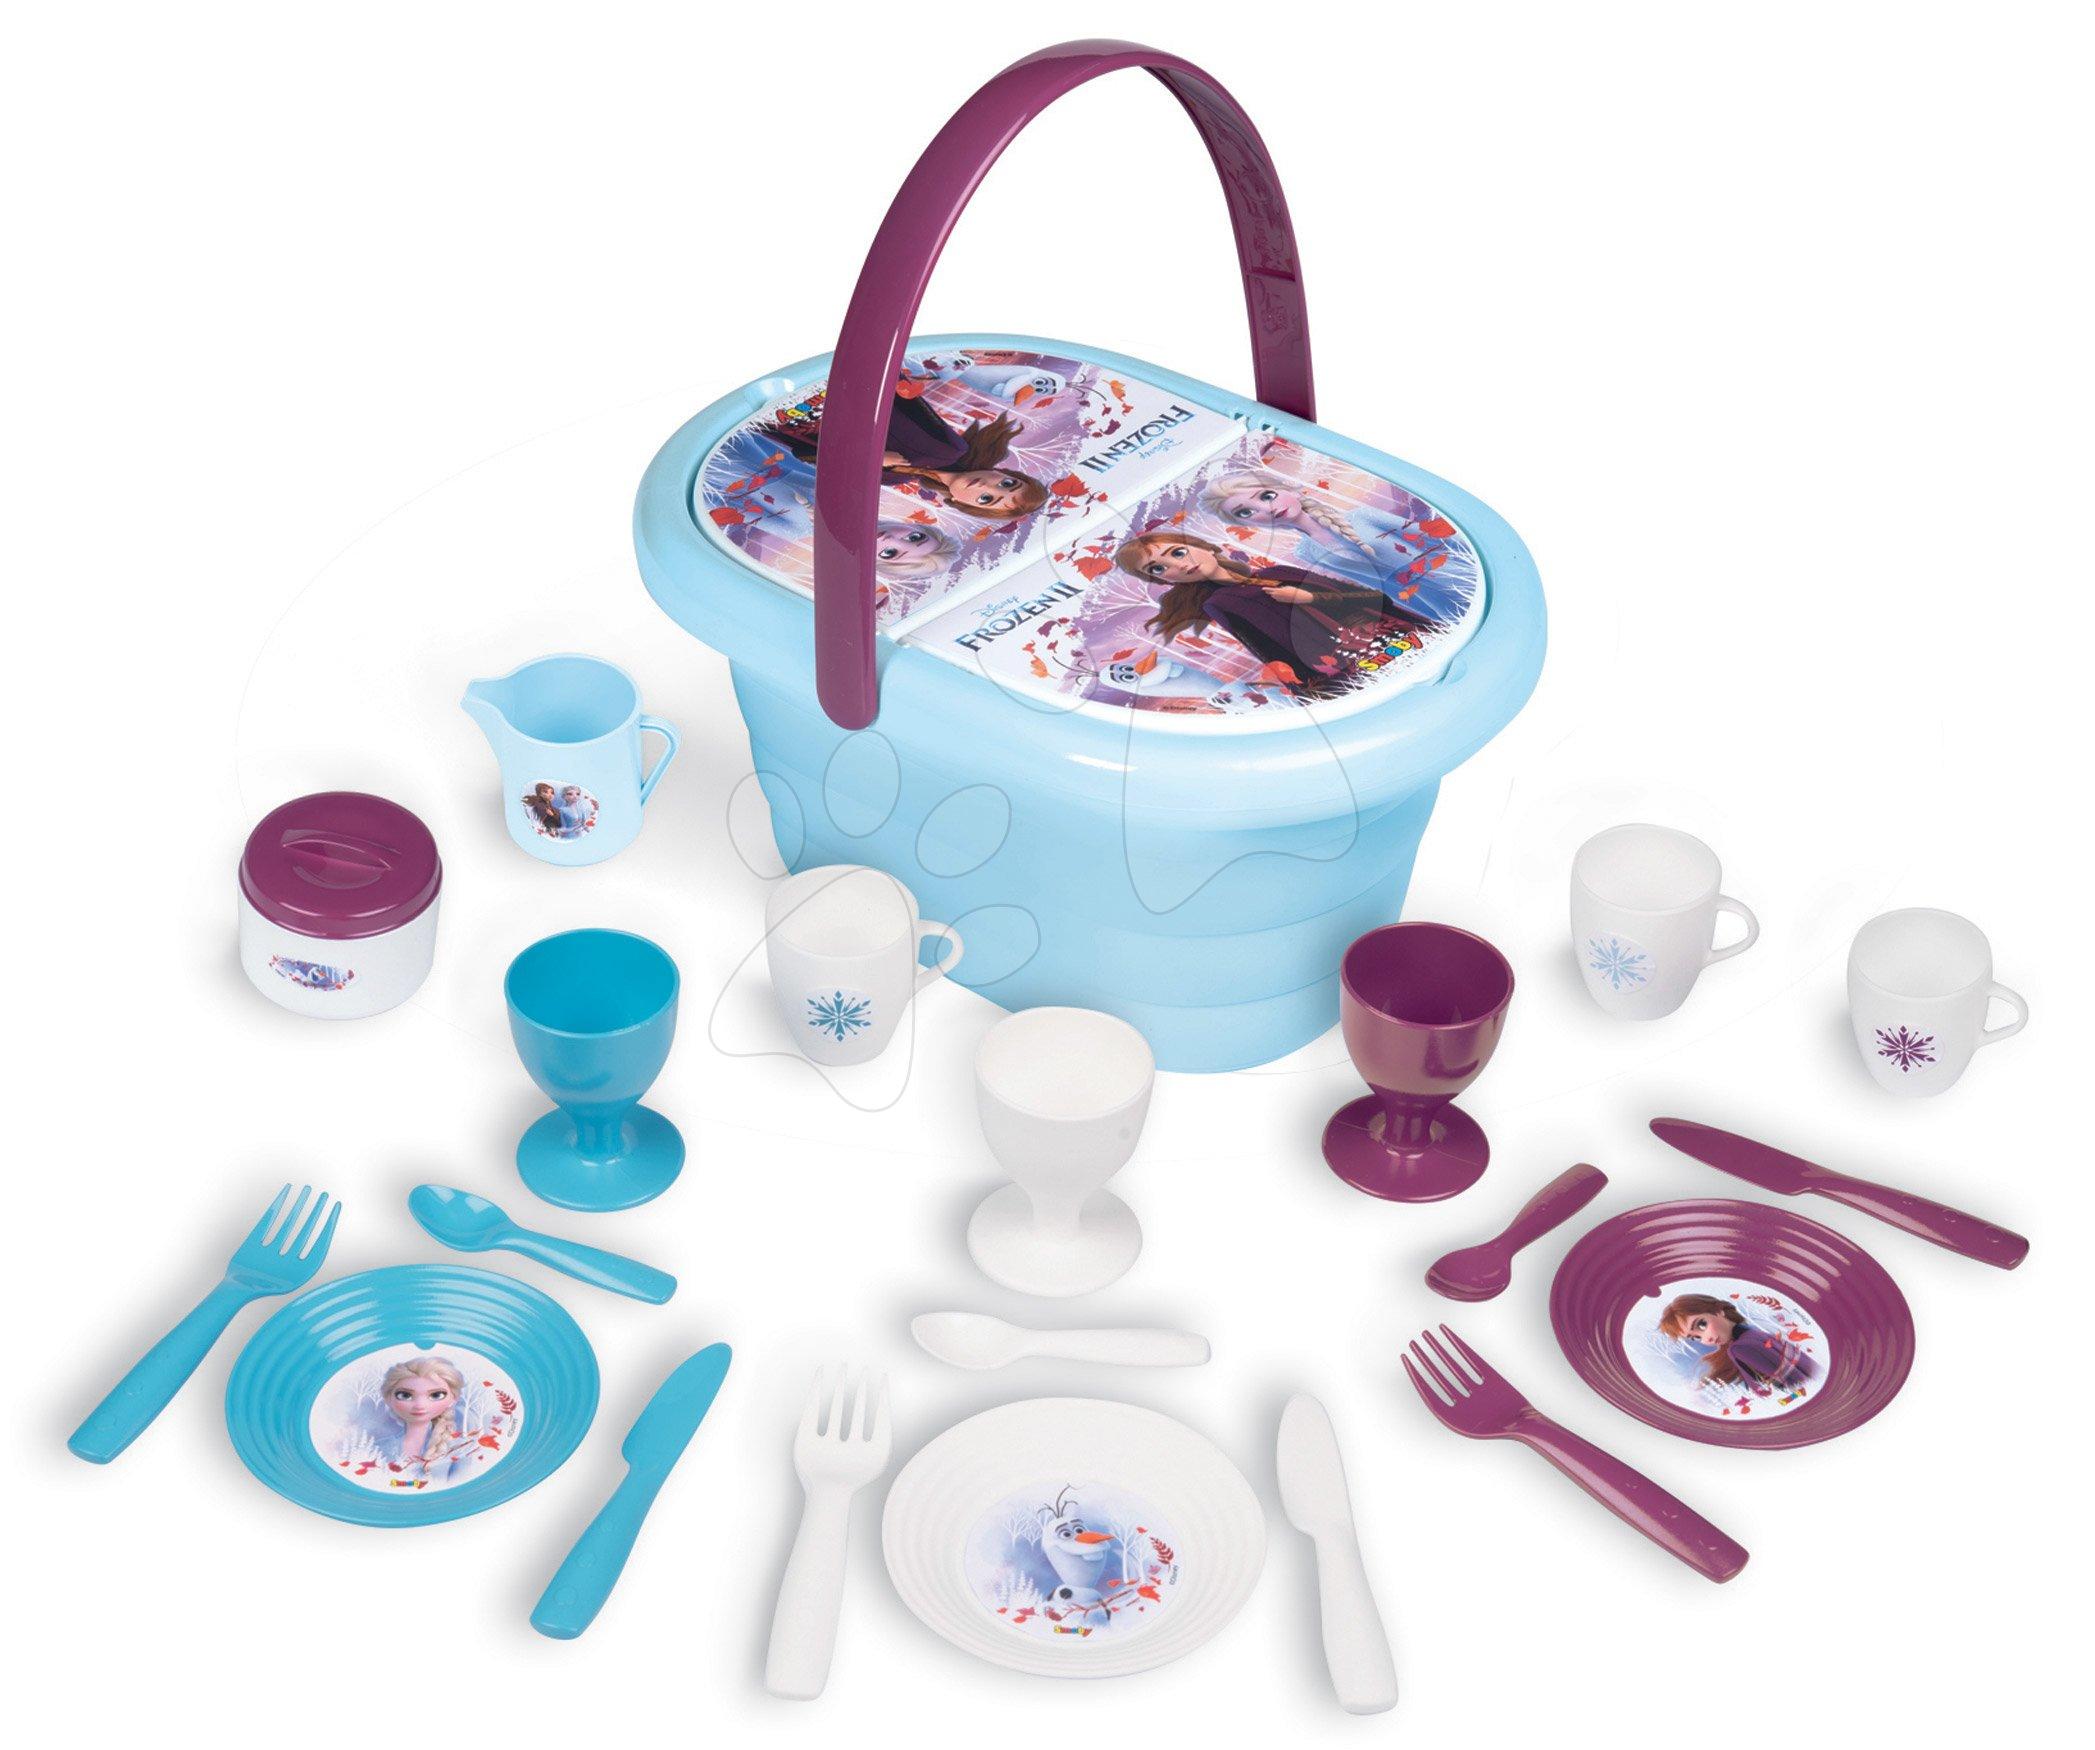 Košík s jídelní soupravou a kelímky Frozen 2 Disney Smoby s 21 doplňky